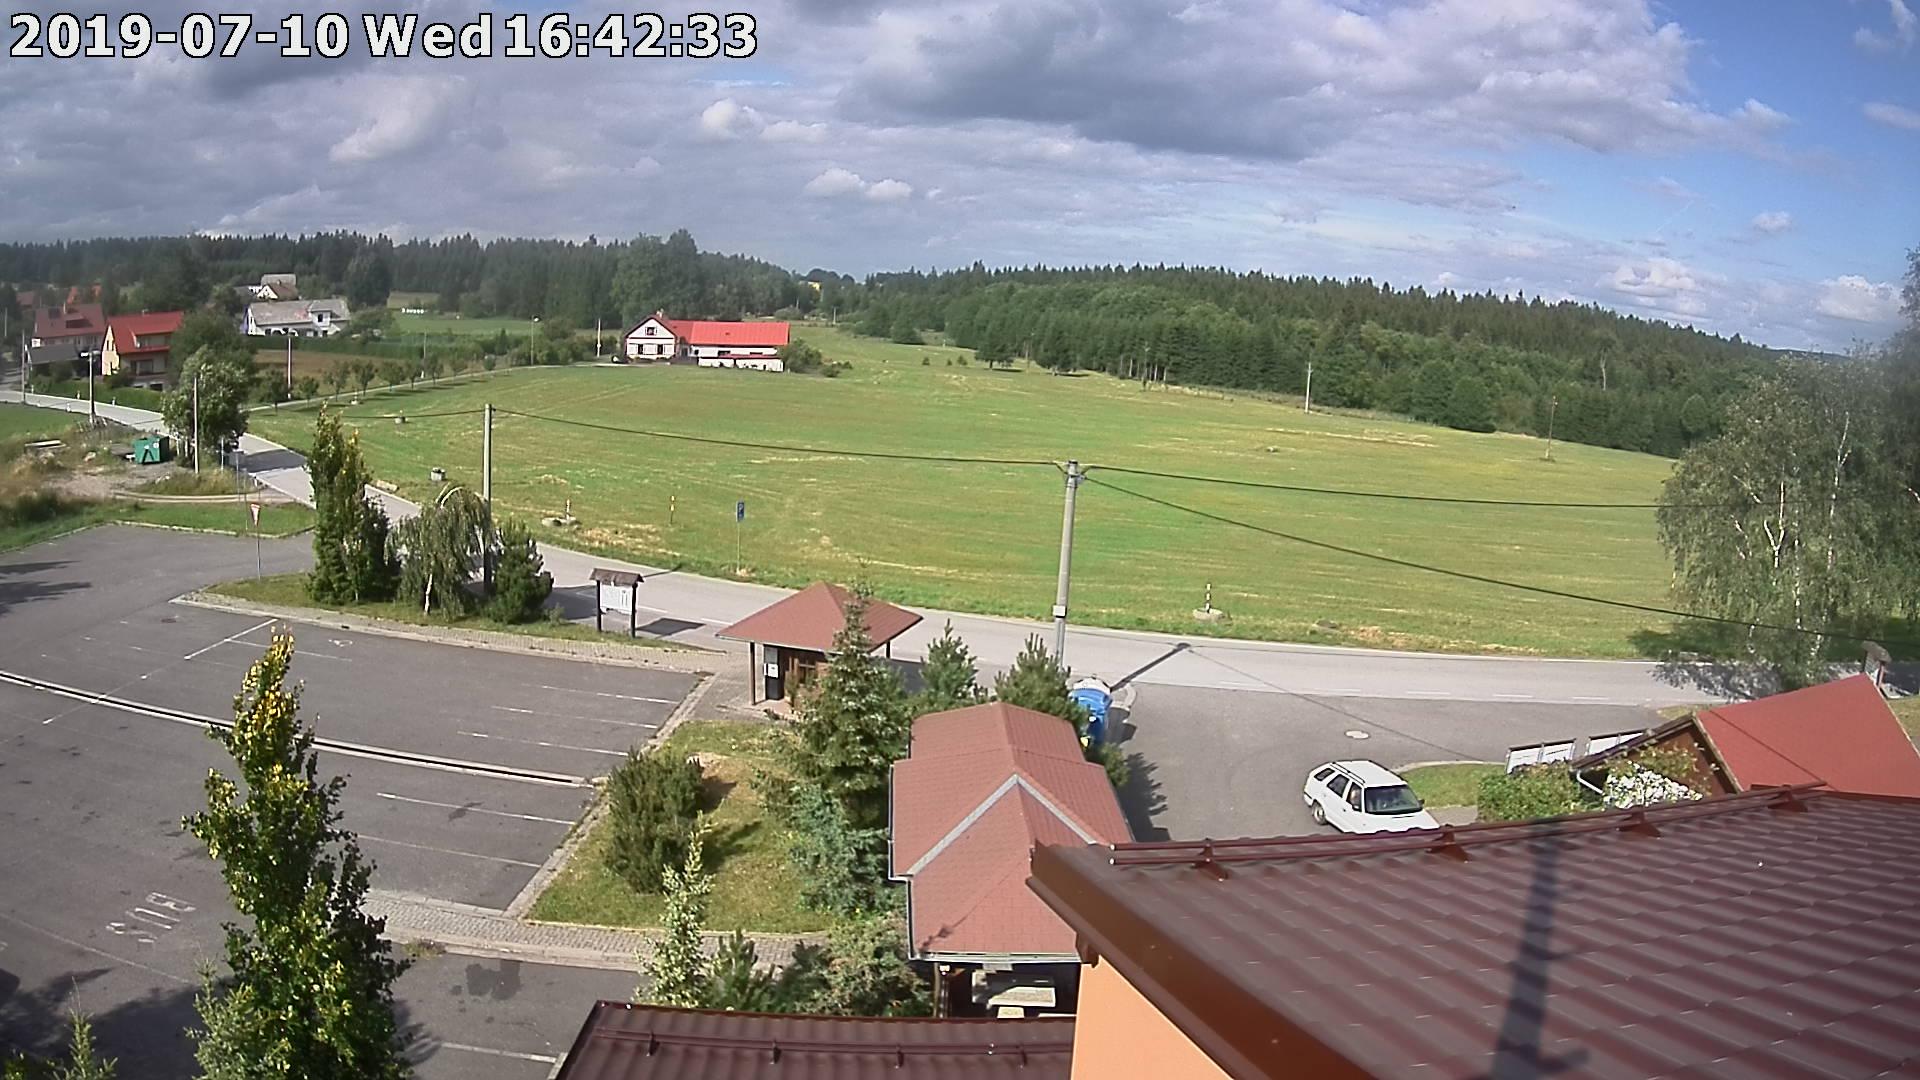 Webkamera ze dne 2019-07-10